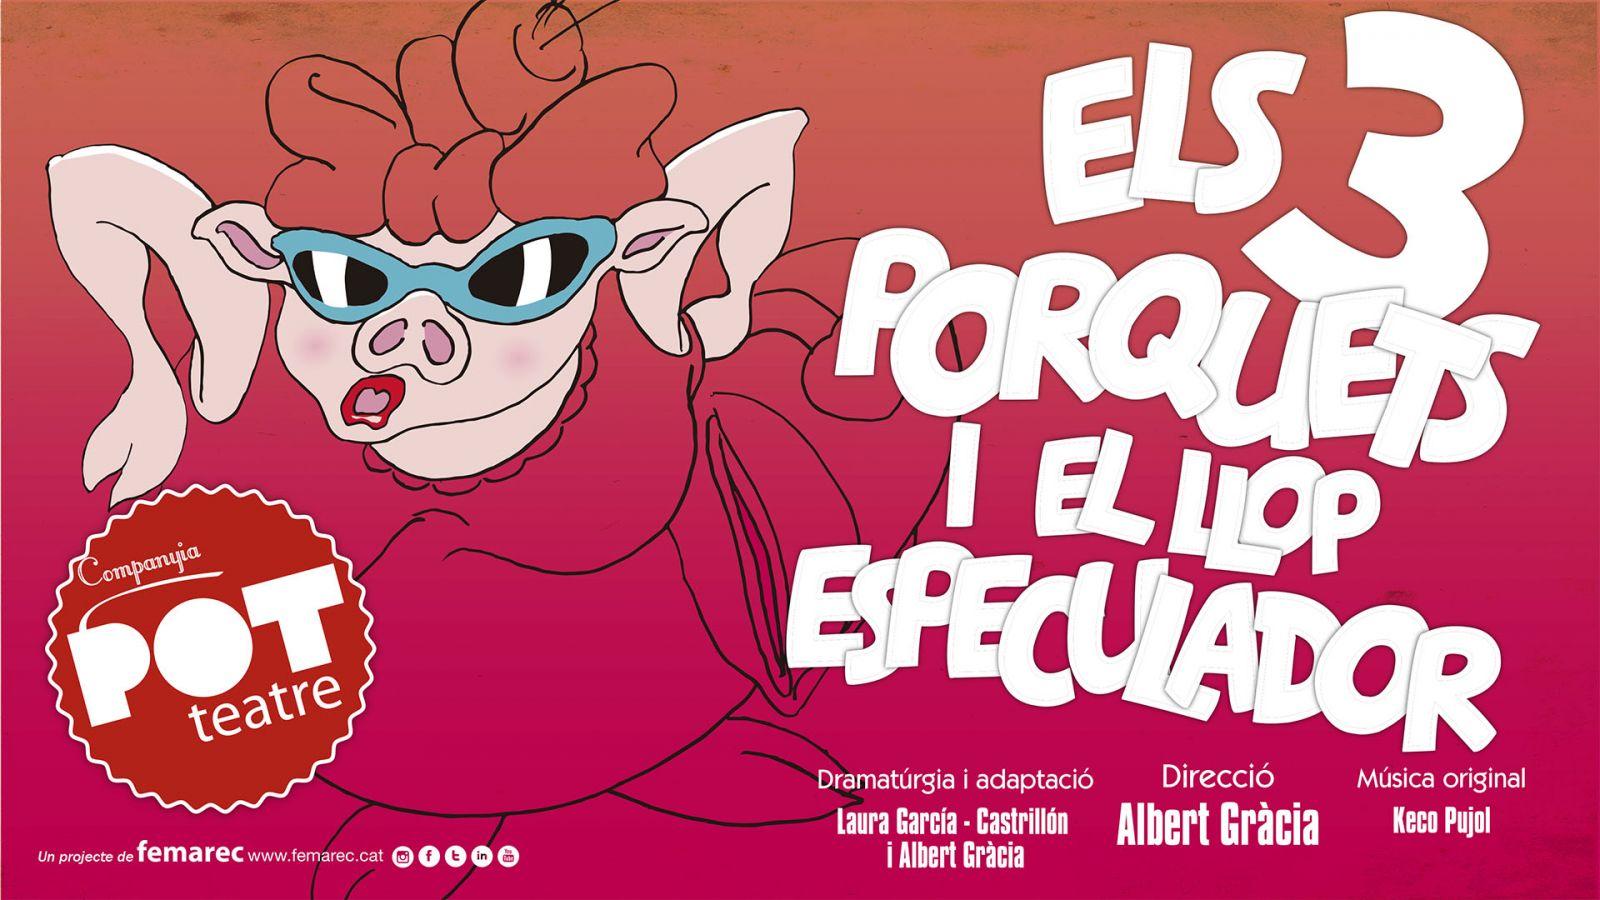 Imatge del cartell de la obra de teatre Els 3 porquets i el llop especulador.